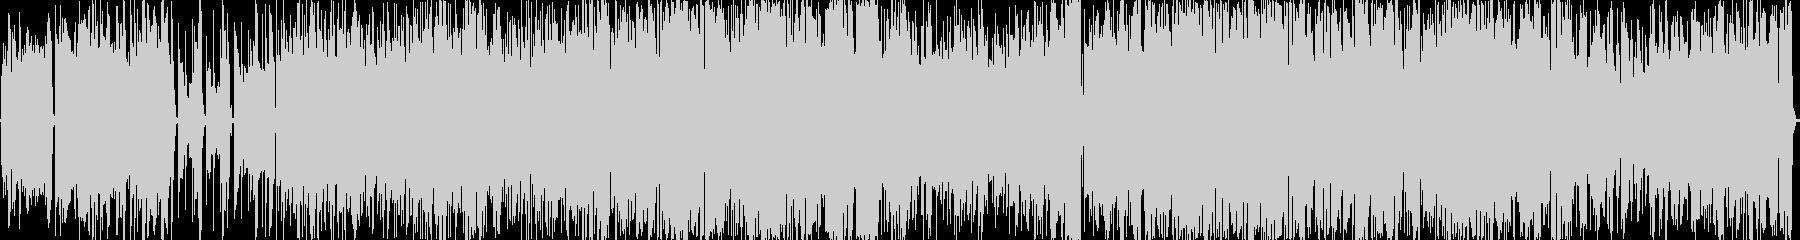 ドライブベース楽曲 疾走感 BGMの未再生の波形